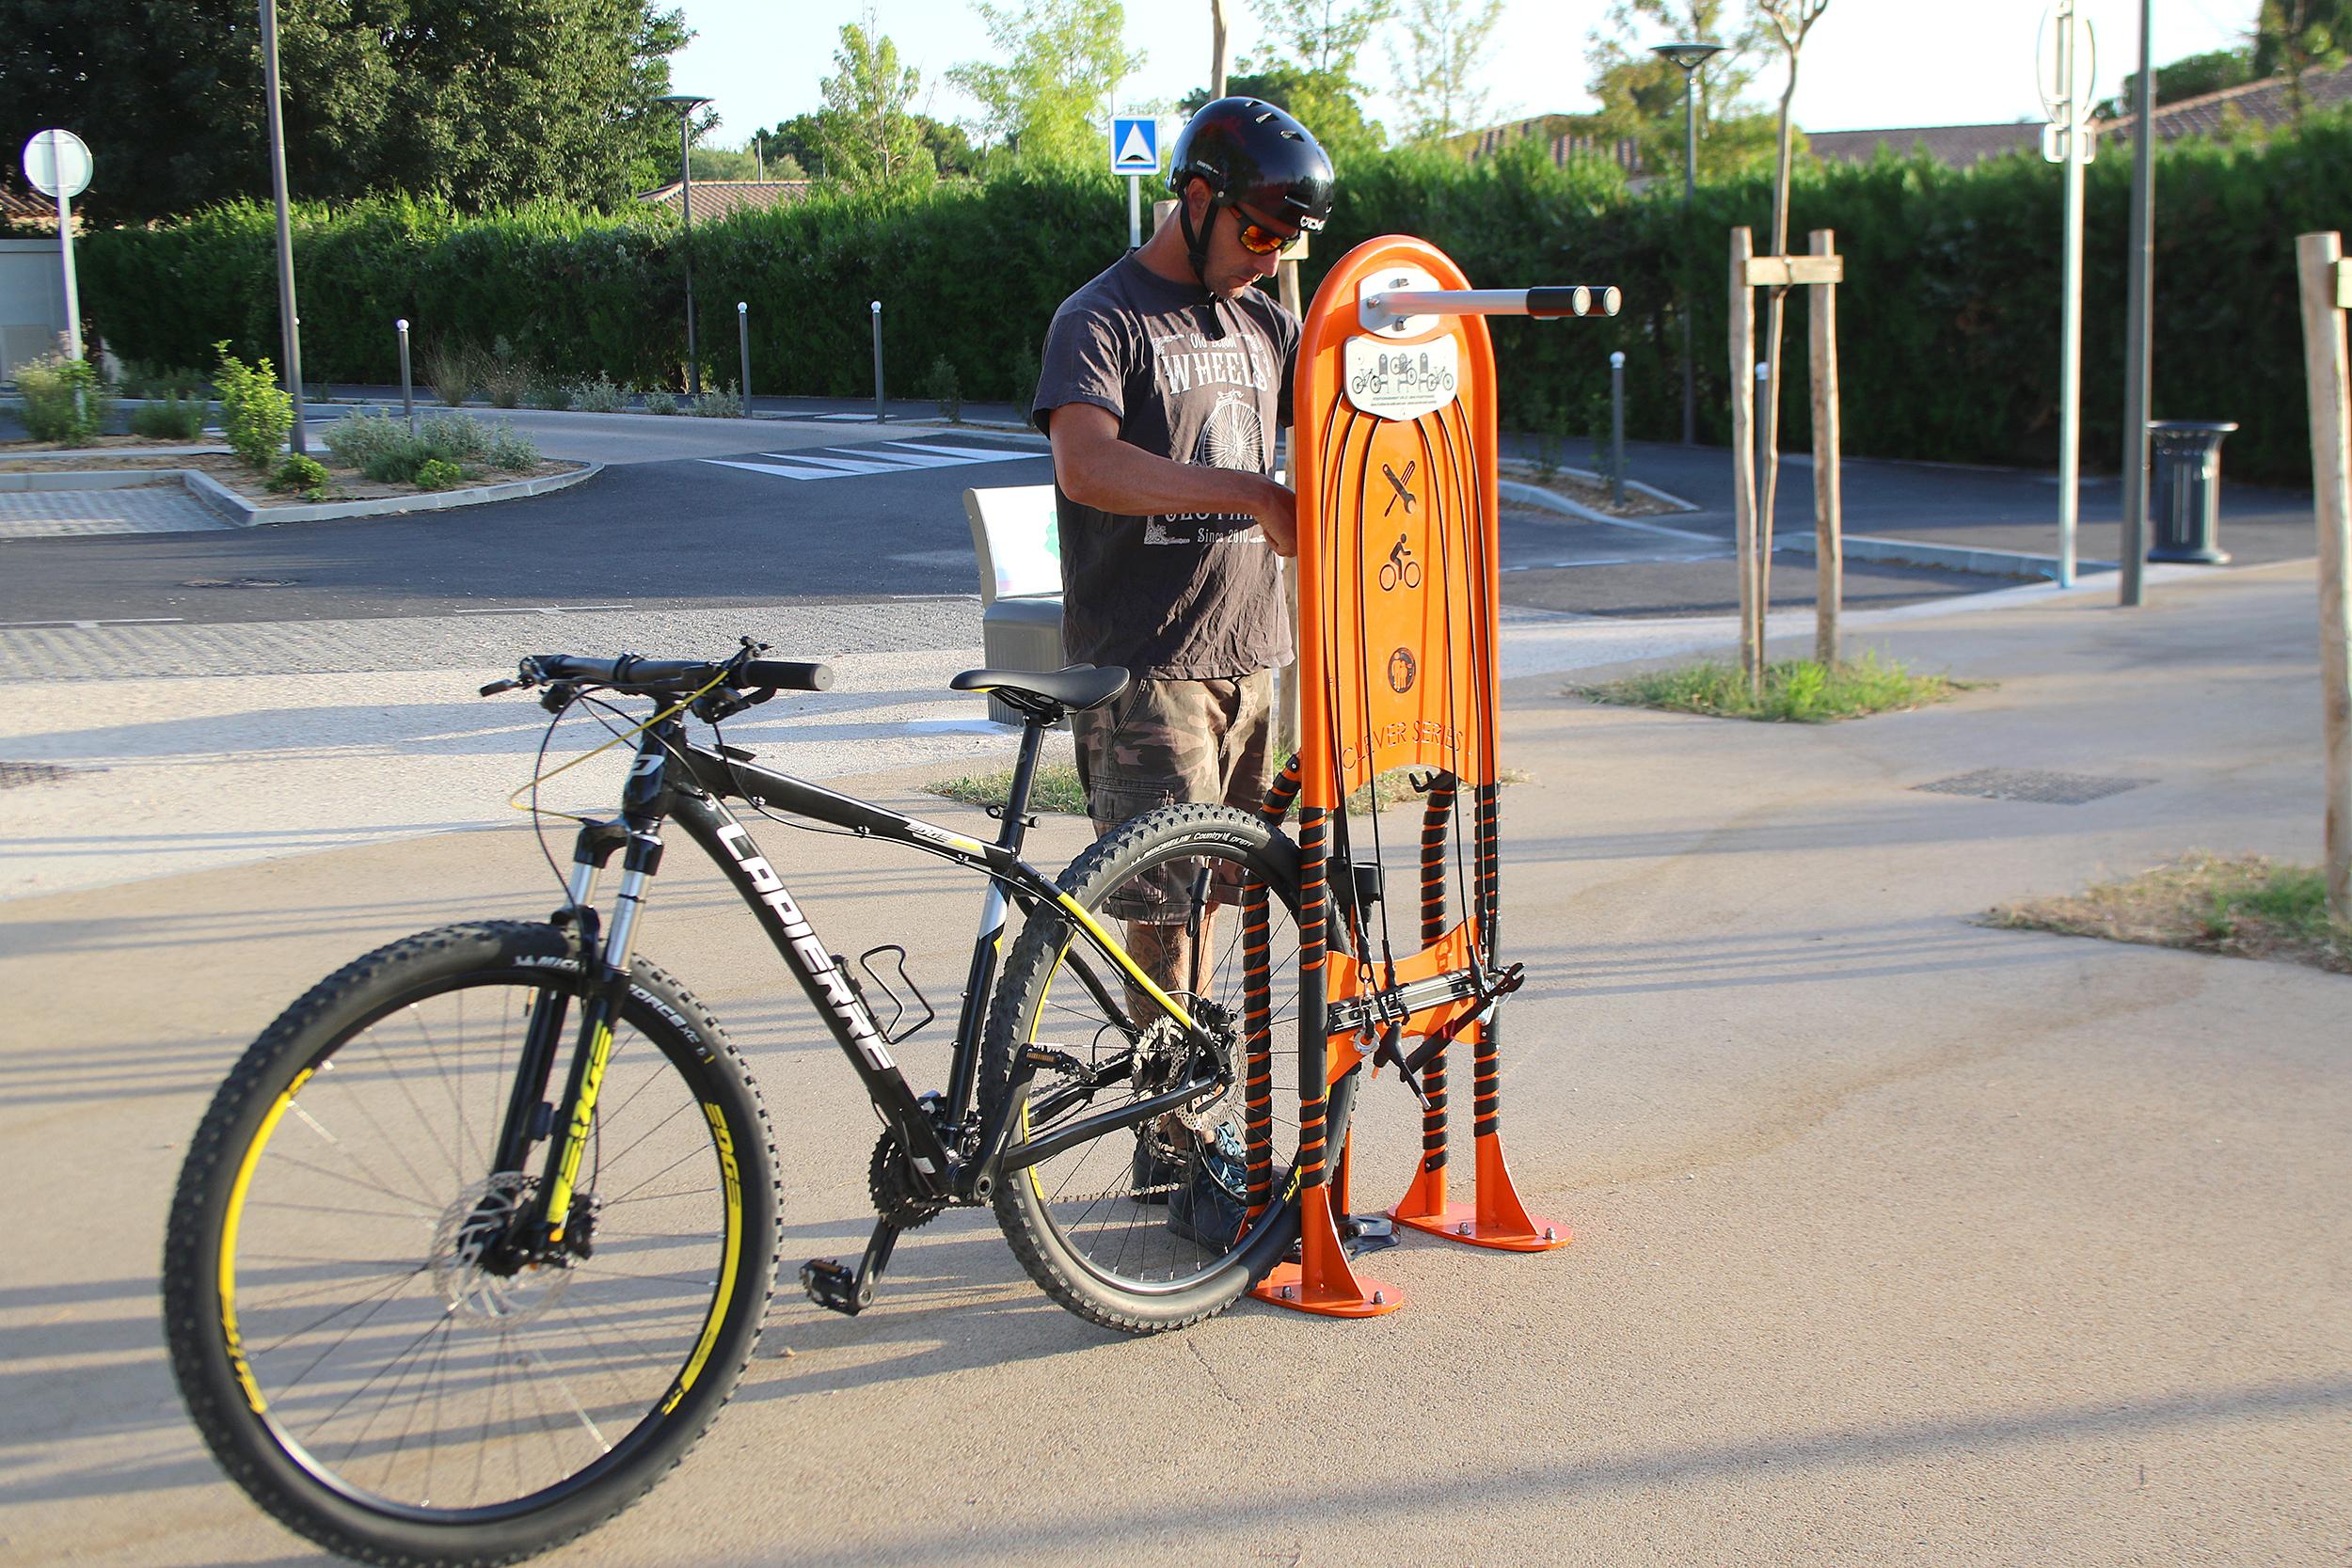 Station de réparation vélo, pour mieux rouler en sécurité.